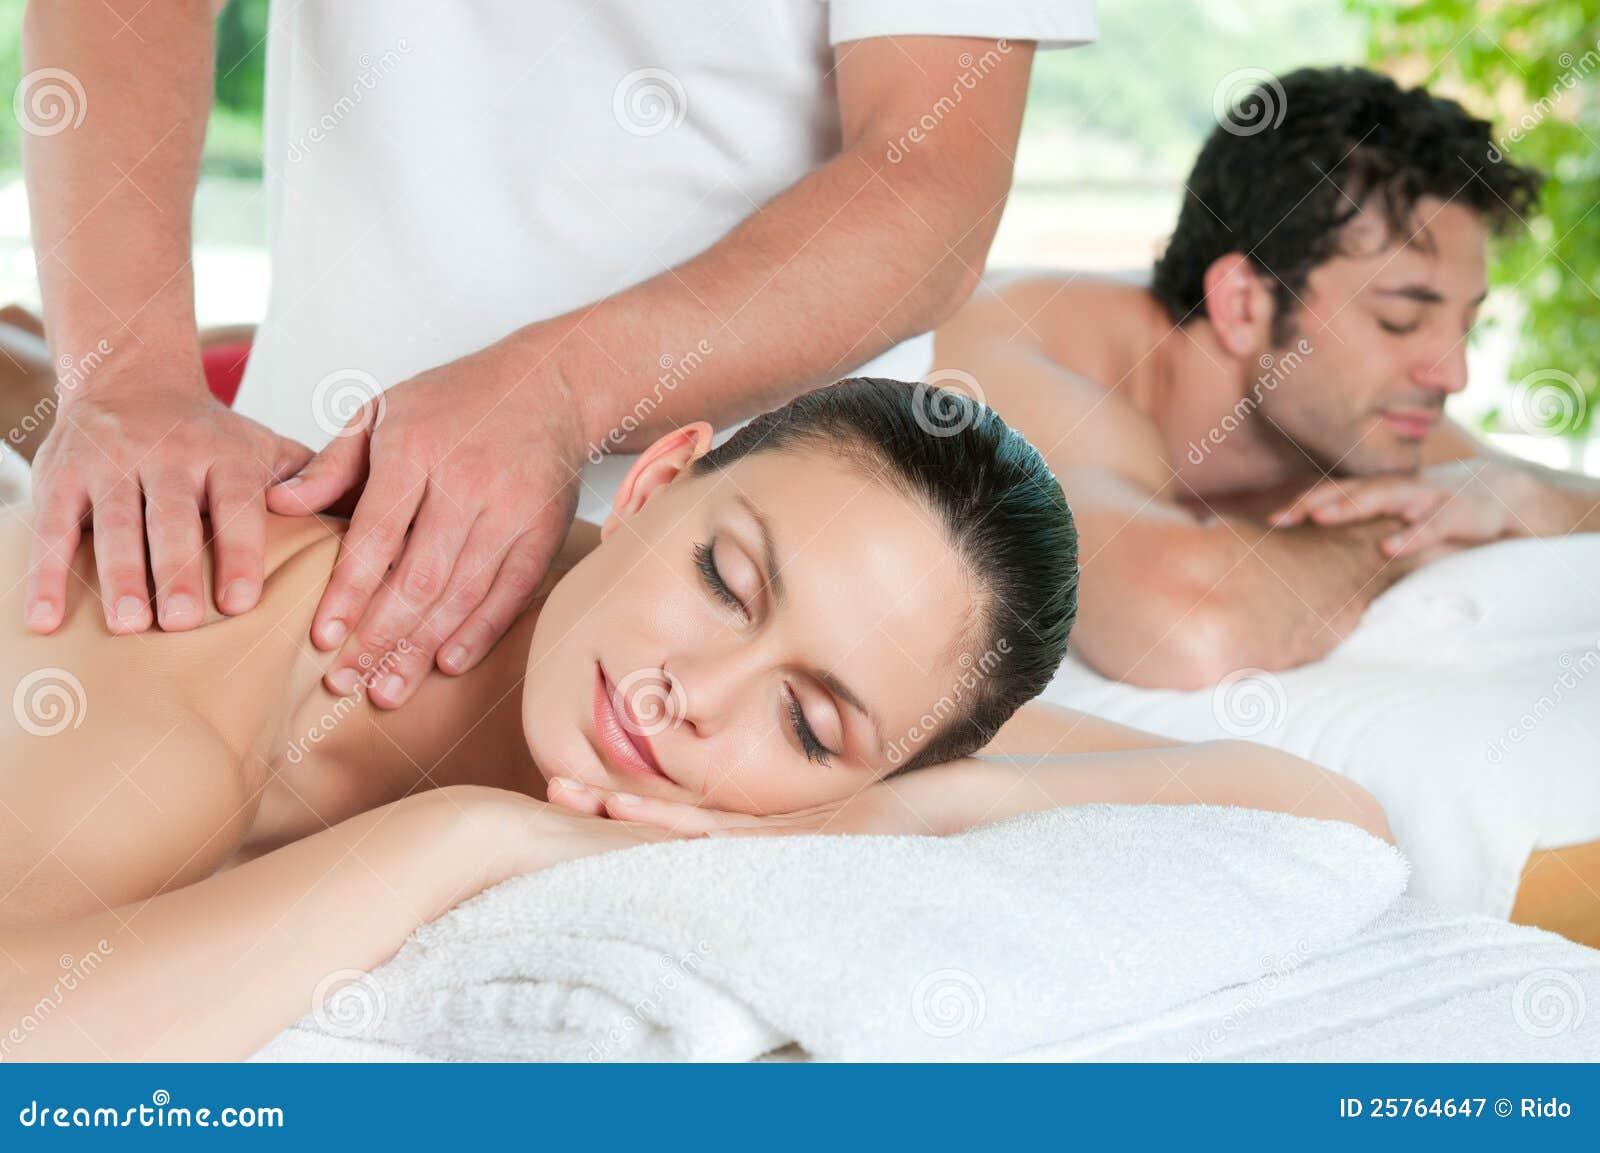 Het ontspannen van het paar met massage